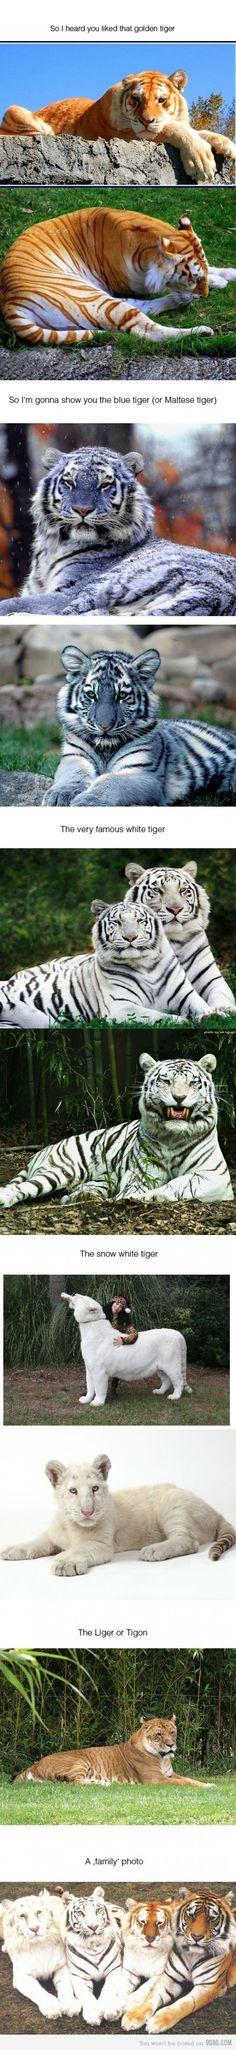 Tigre contro tigre! :D